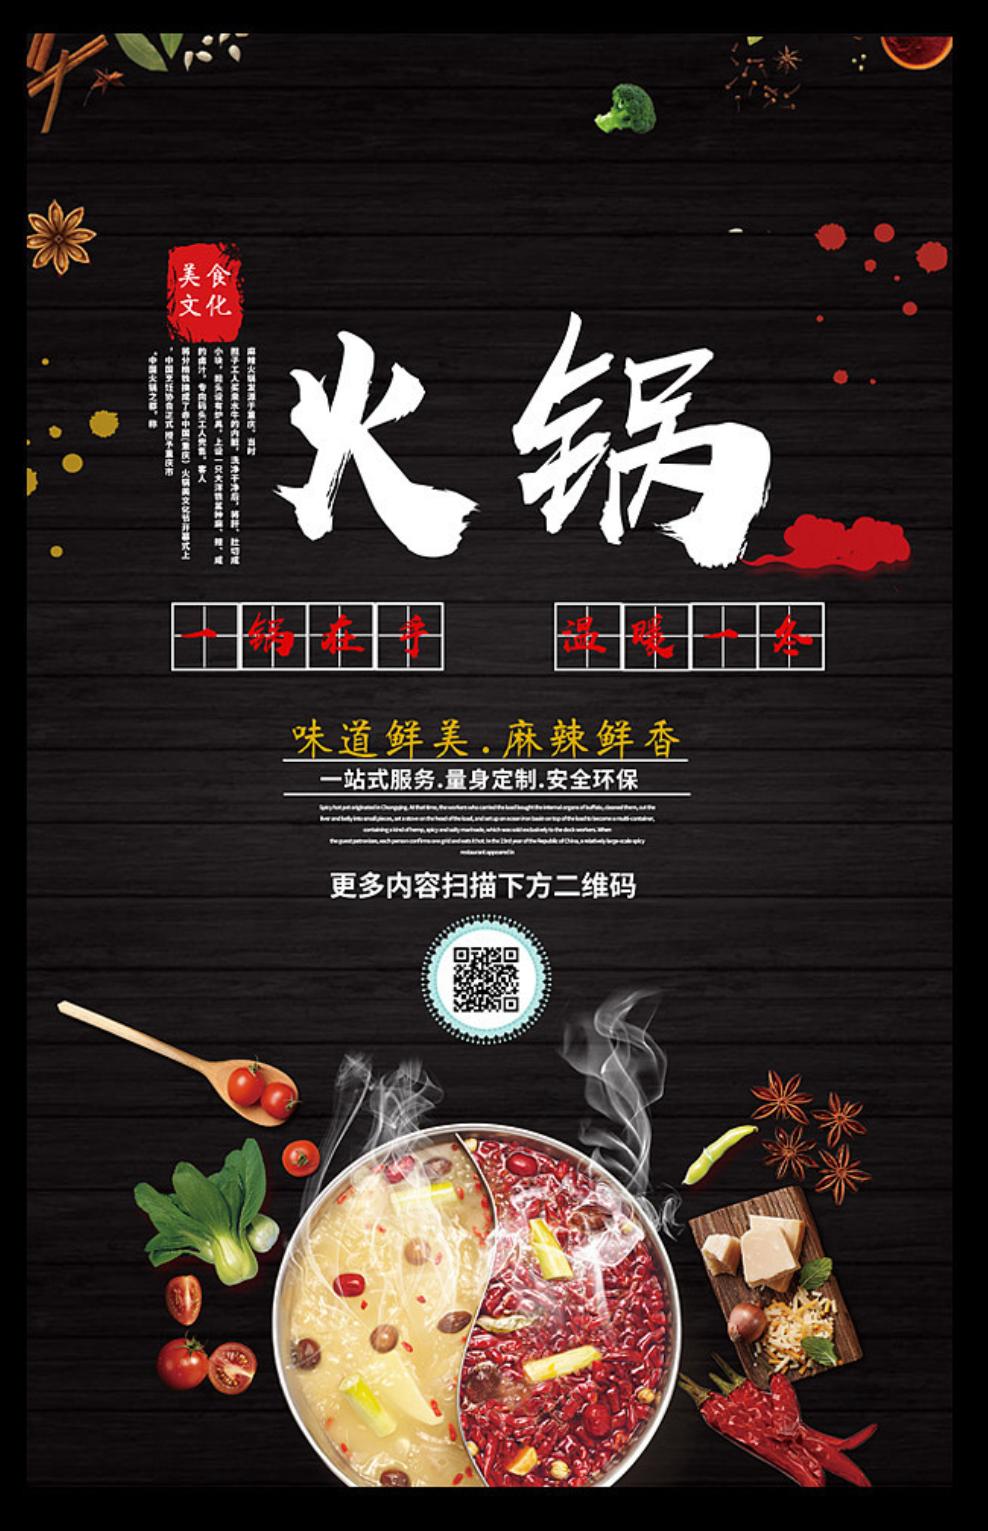 创意菜单设计参考 有哪些值得一看的火锅店菜单